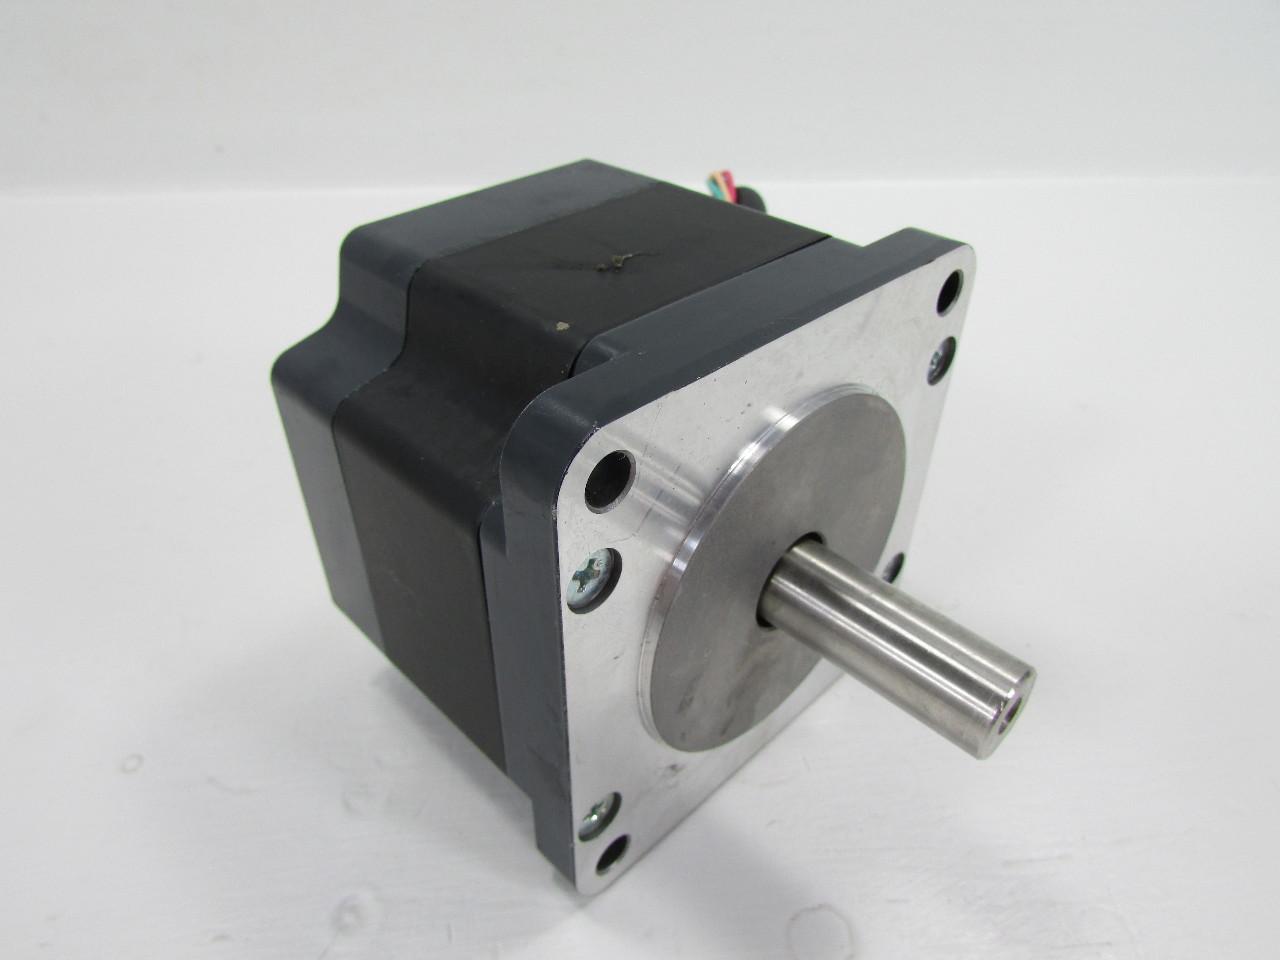 Oriental motor pk596aw vexta stepping motor 5 phase for 5 phase stepper motor